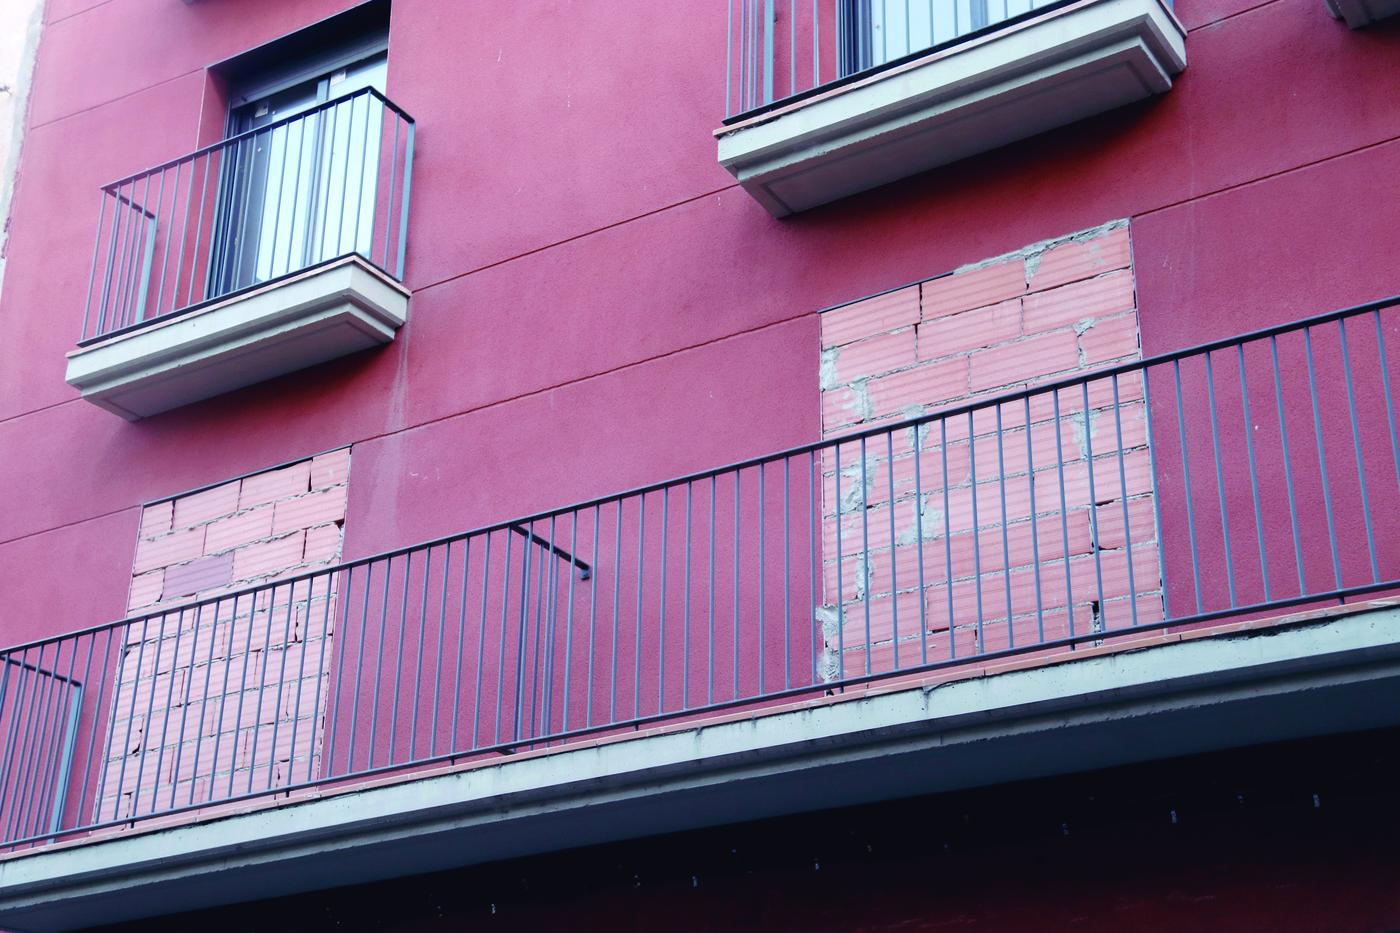 El 2019 és l'any de més casos denunciats per ocupació de pisos